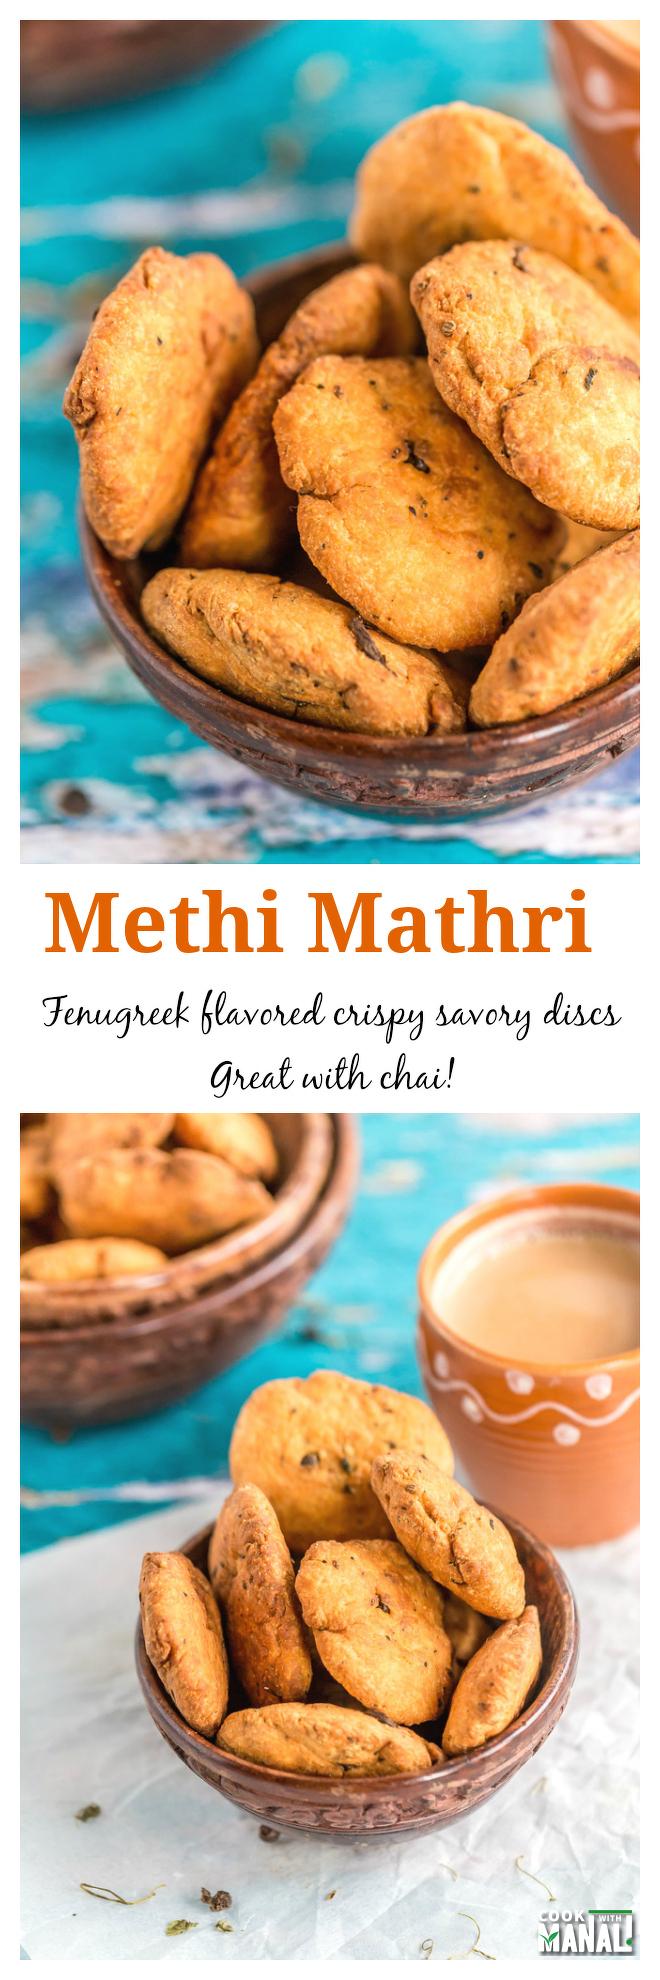 Methi Mathri Collage